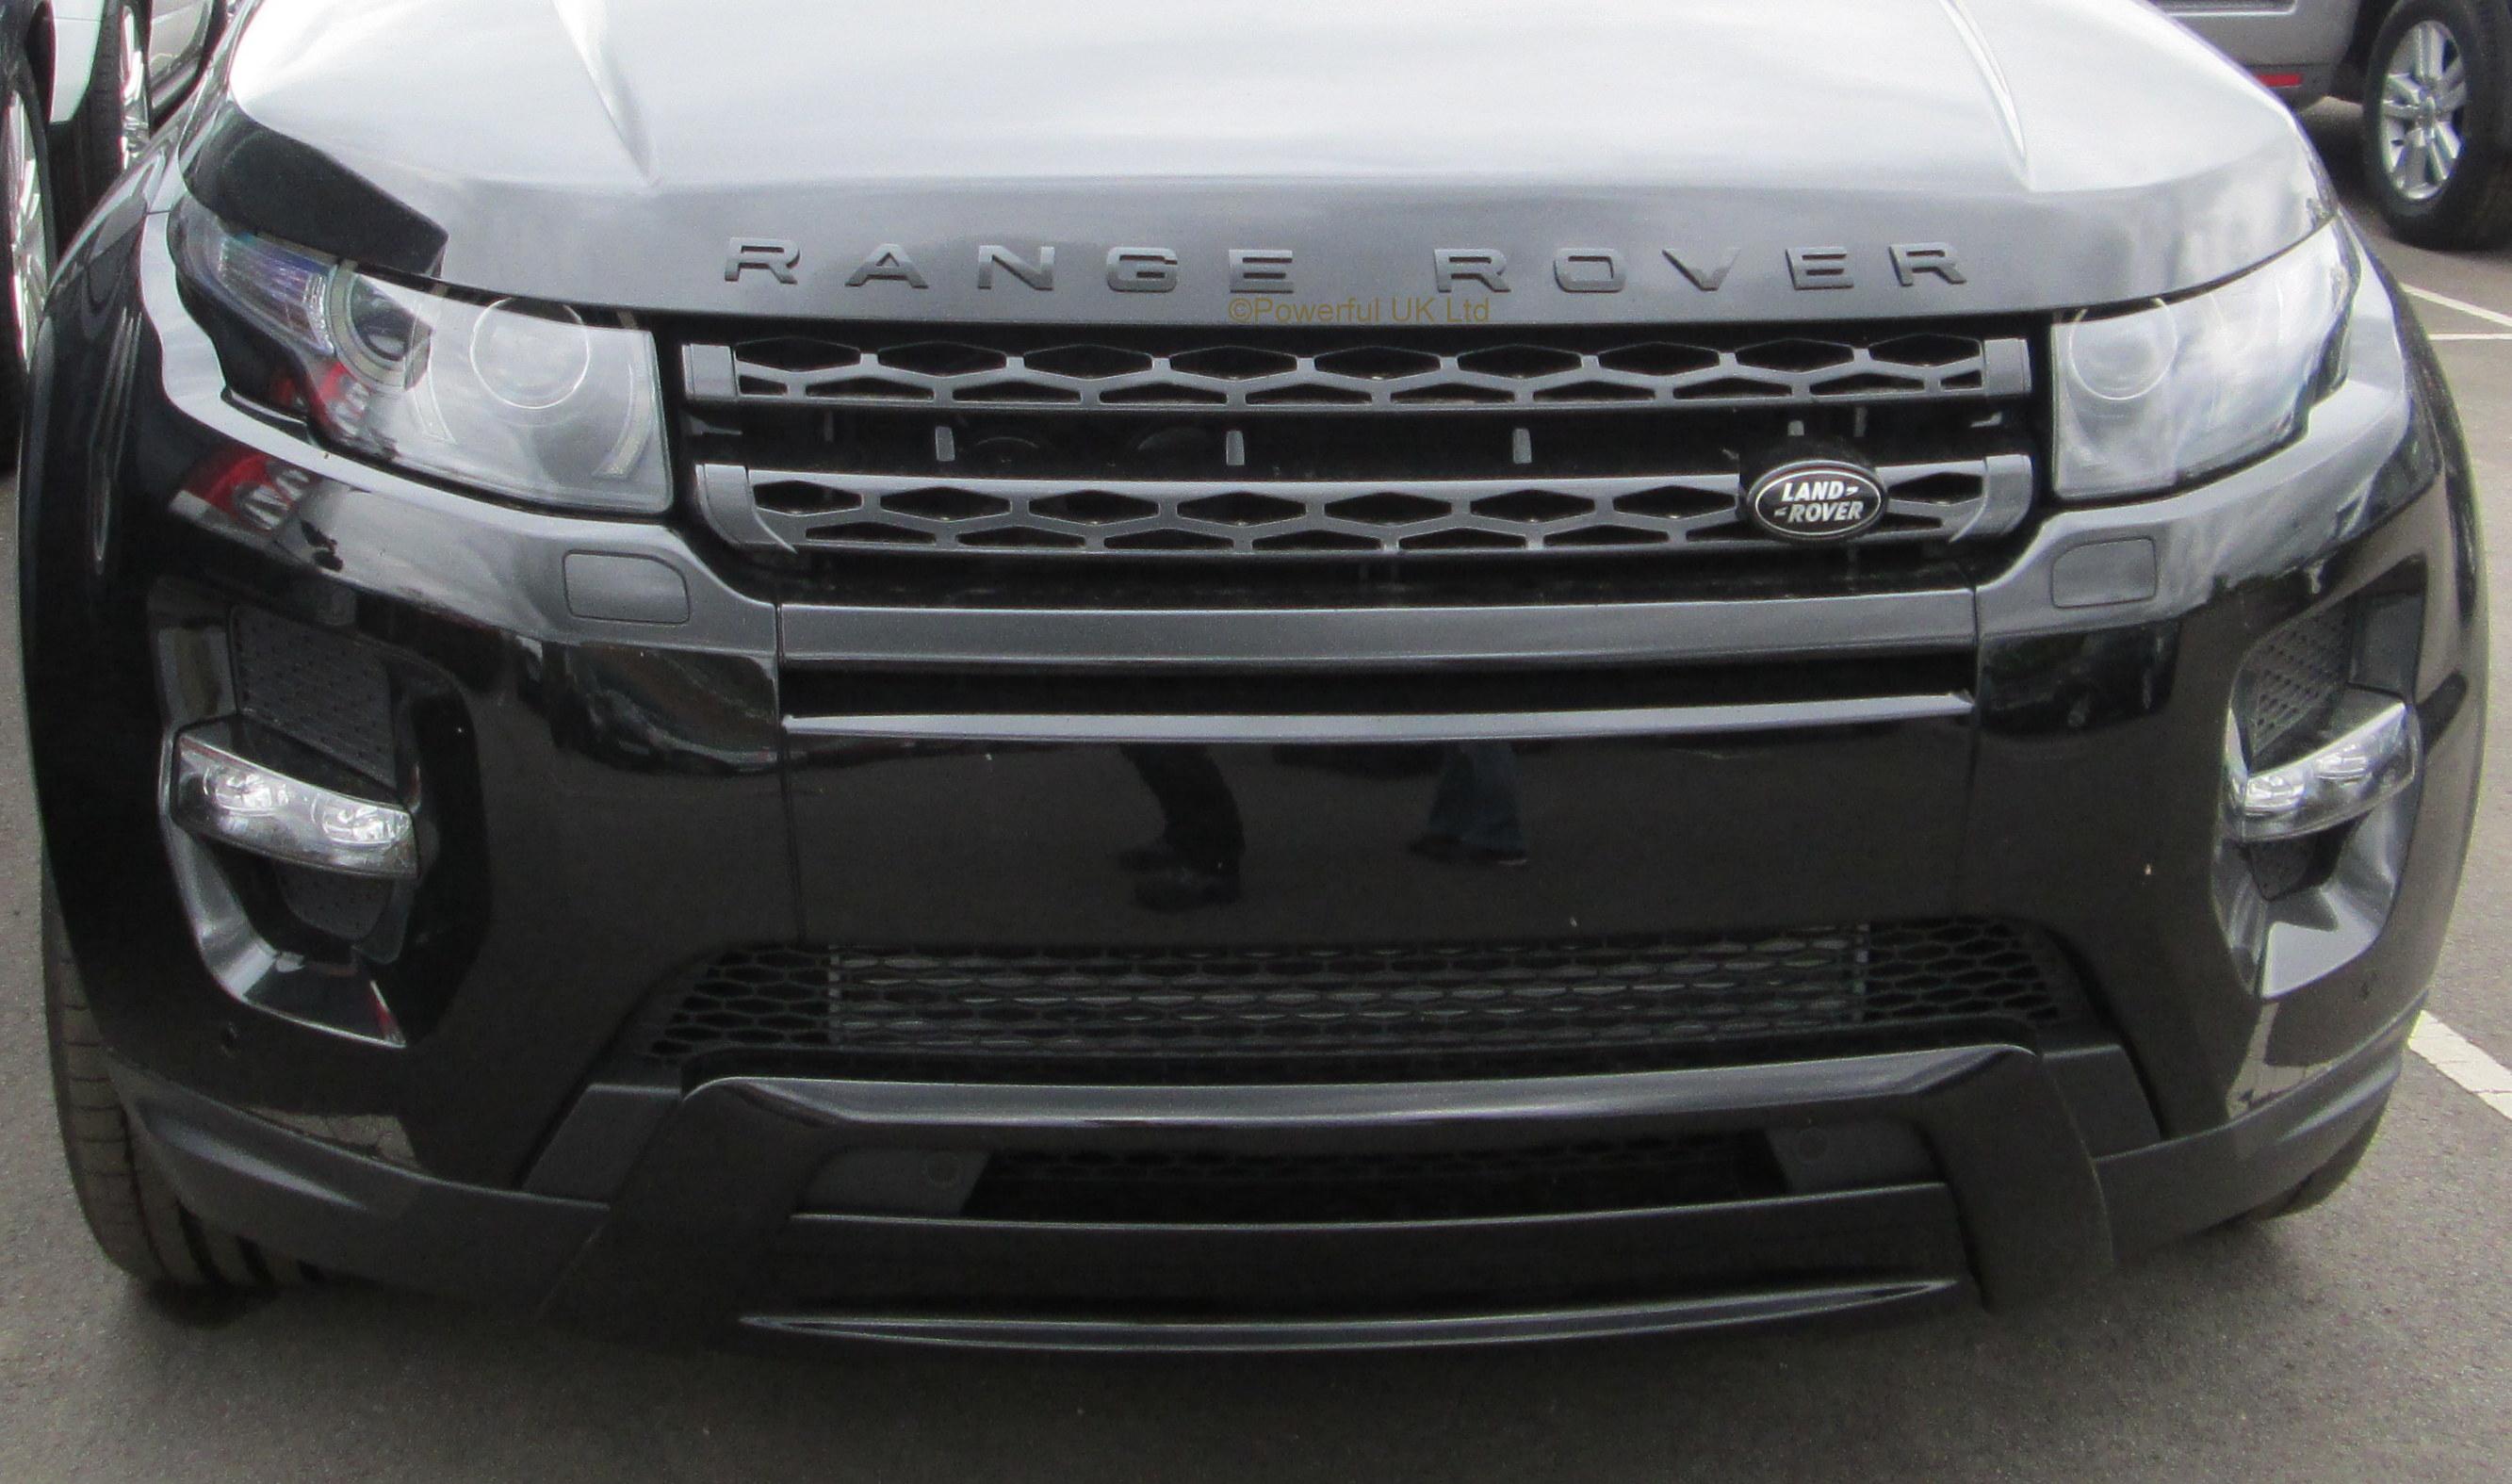 Gloss Black front grille for Range Rover Evoque Pure Prestige